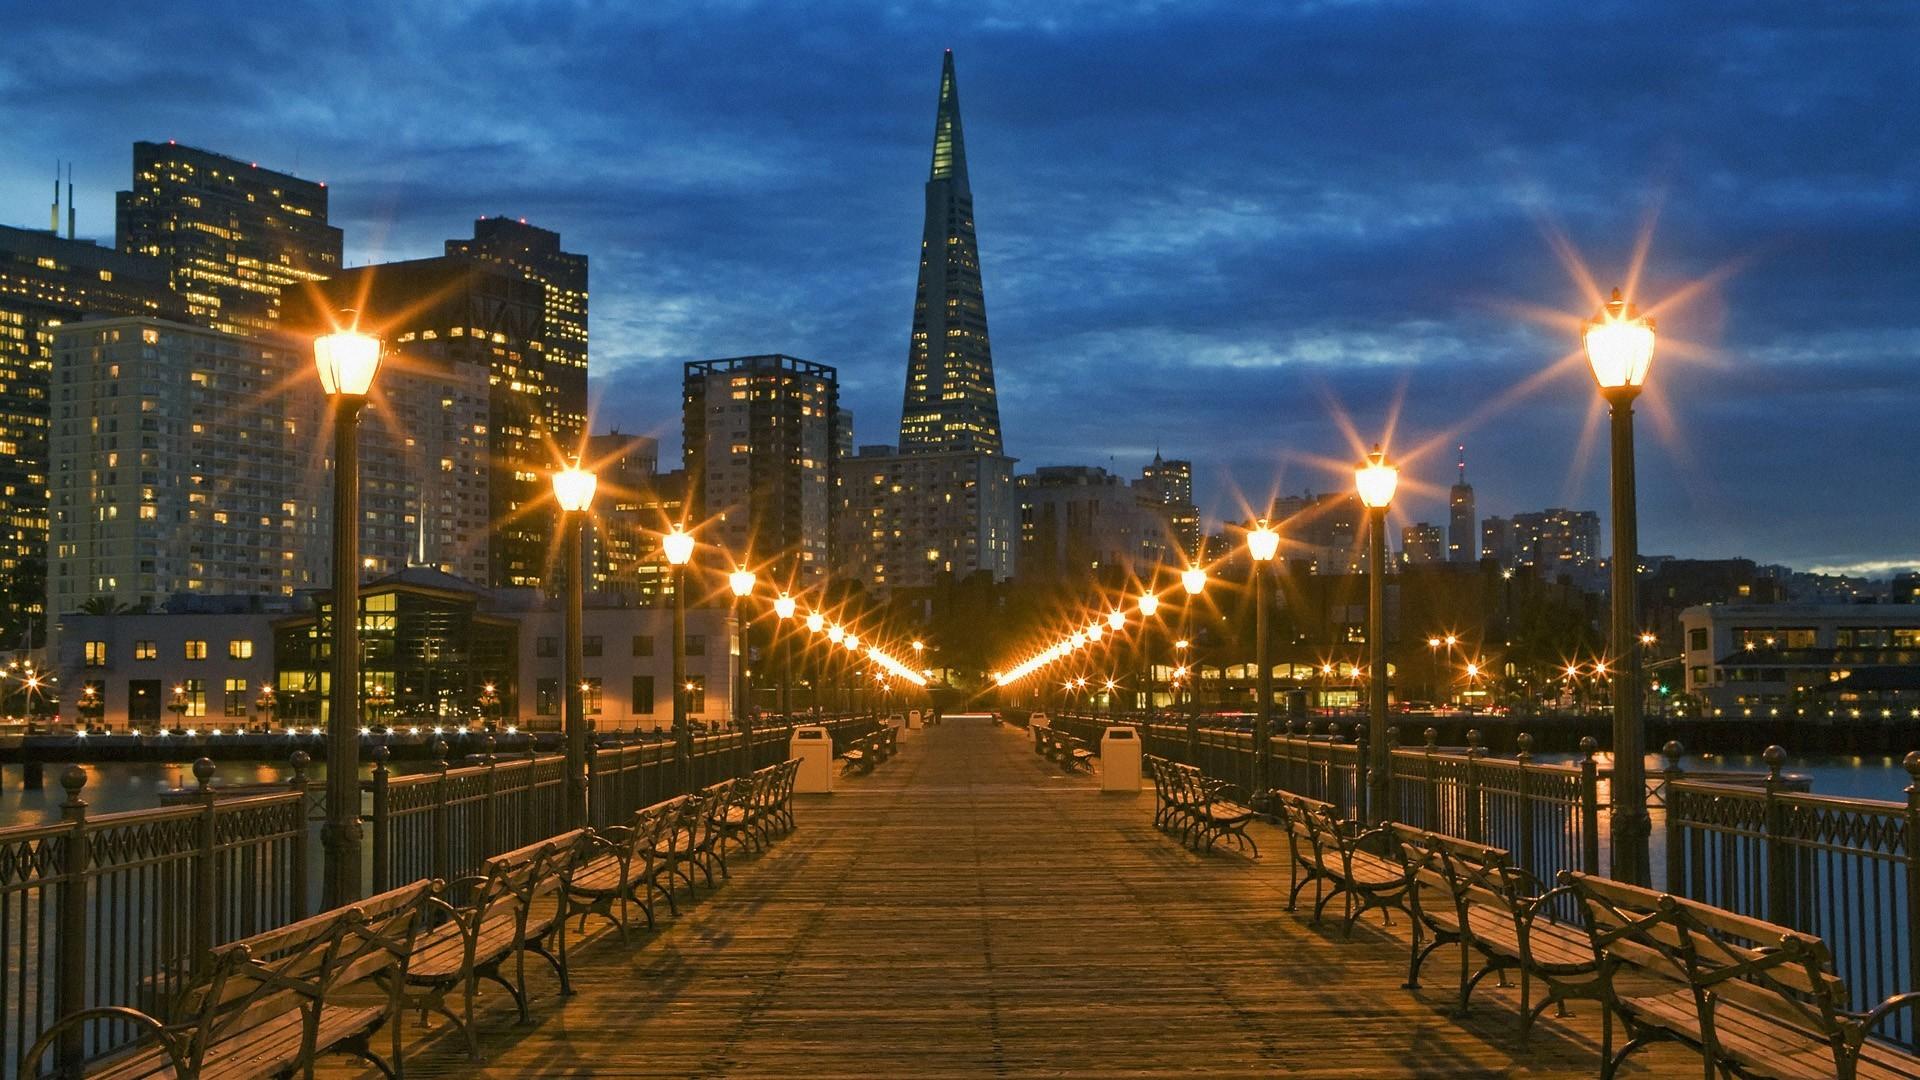 Городская ночь картинки